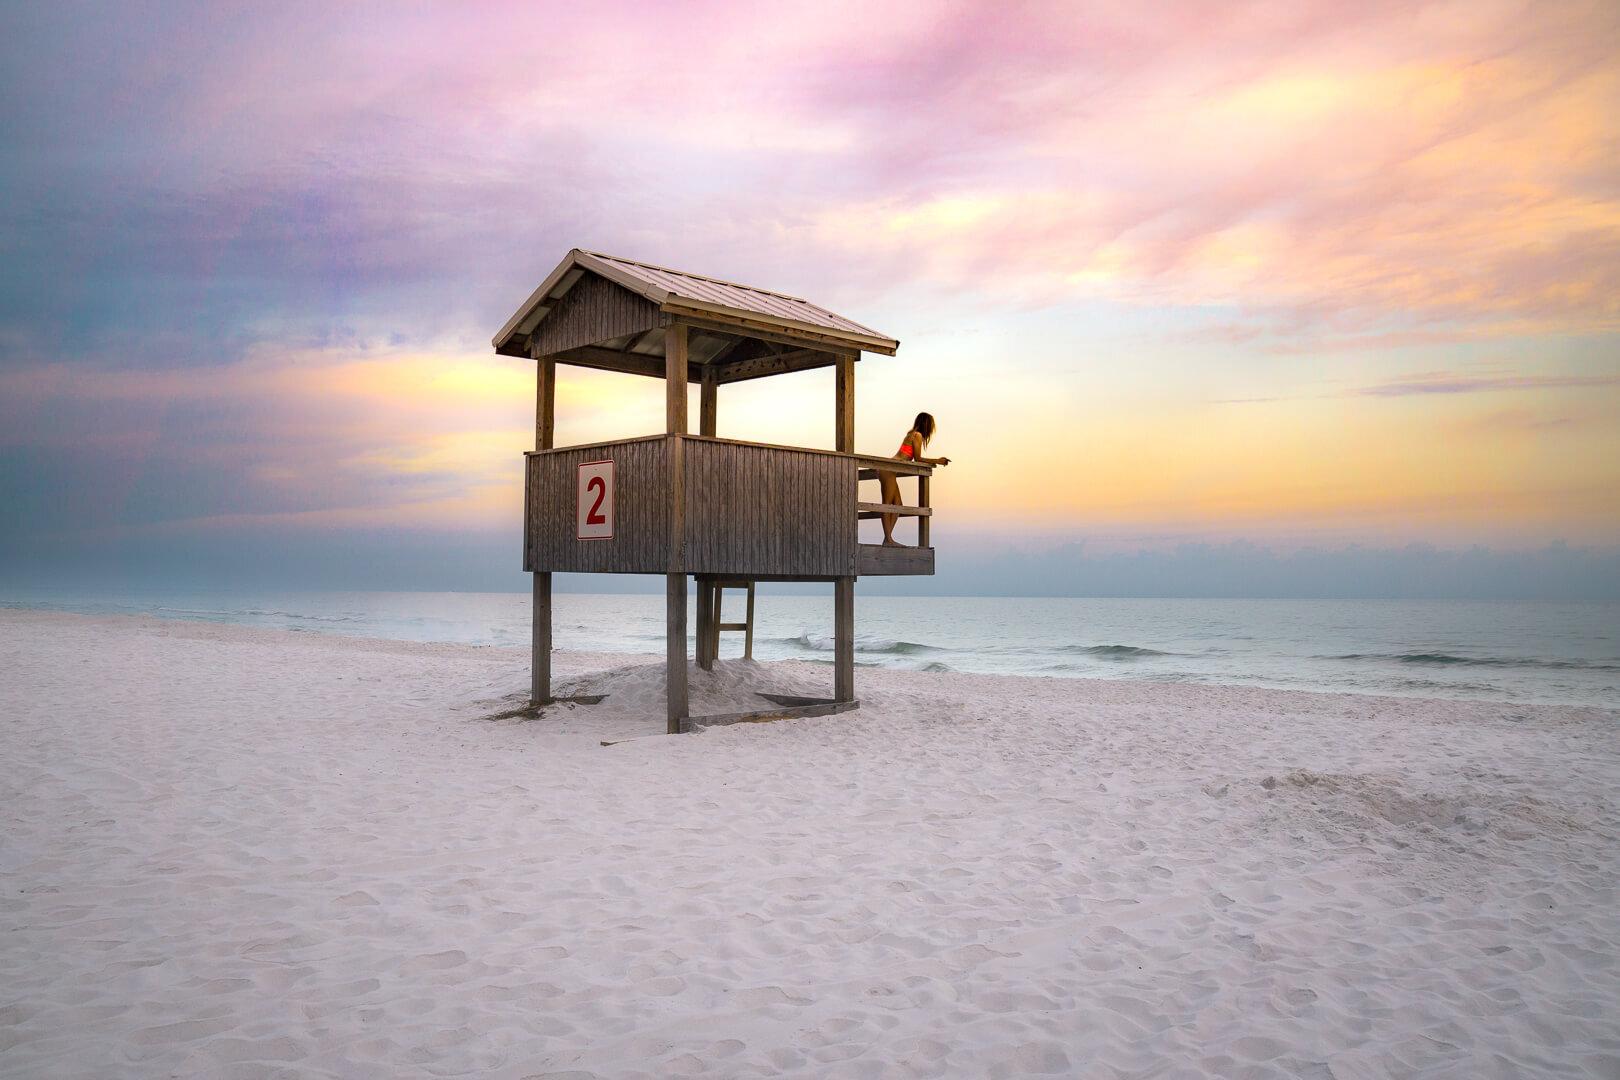 Sunrise views at Navarre Beach, Florida.